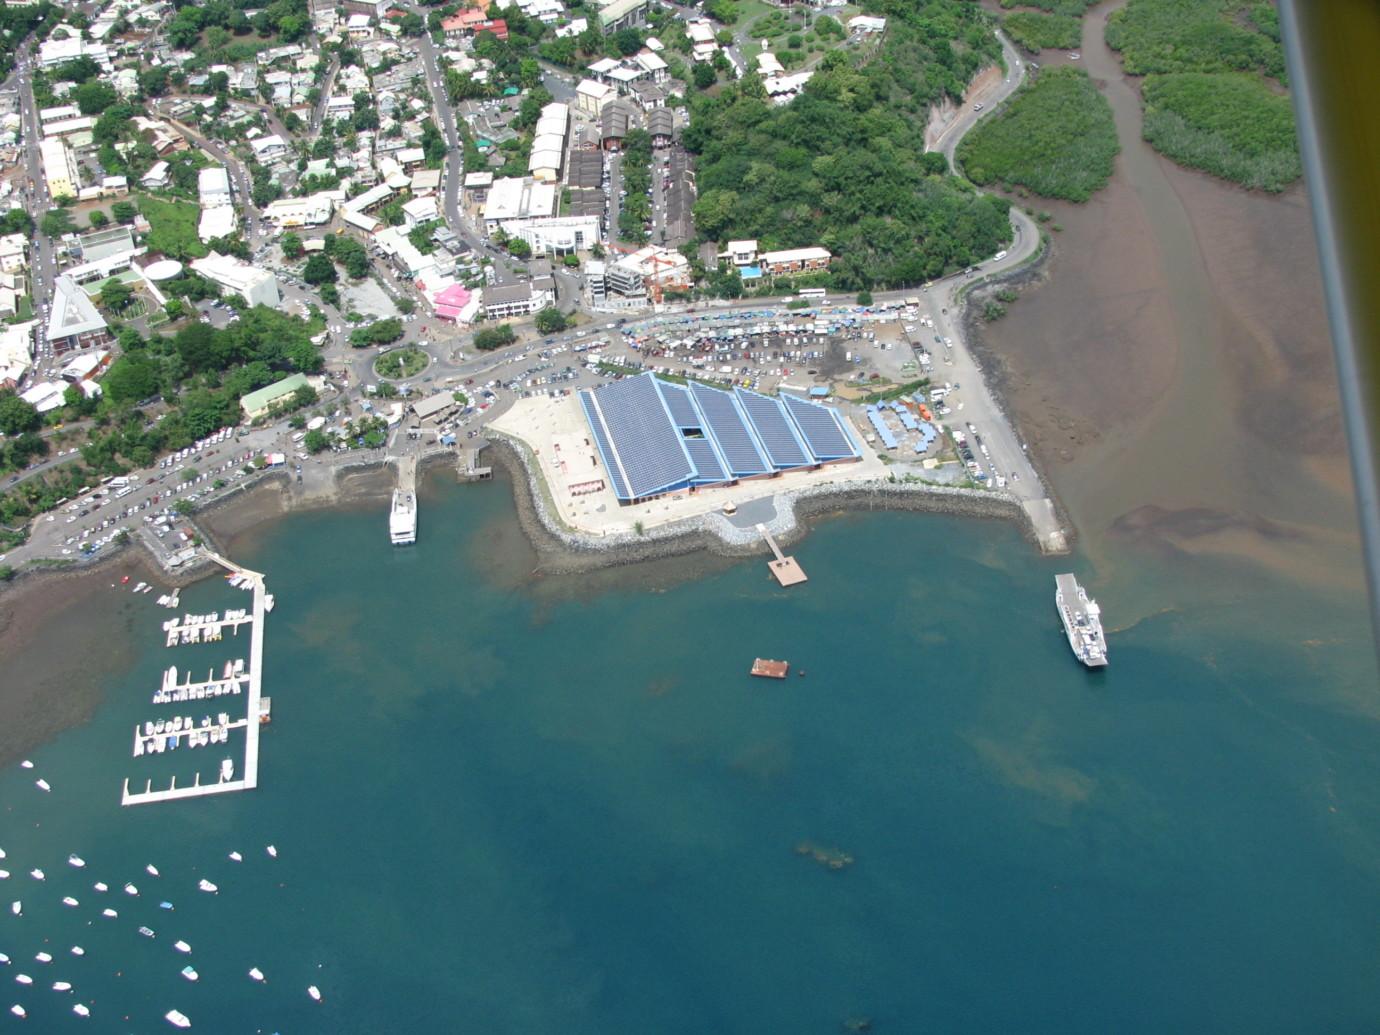 Energies renouvelables:  La Commission de régulation de l'énergie valide seux projets de stockage d'électricité à Mayotte